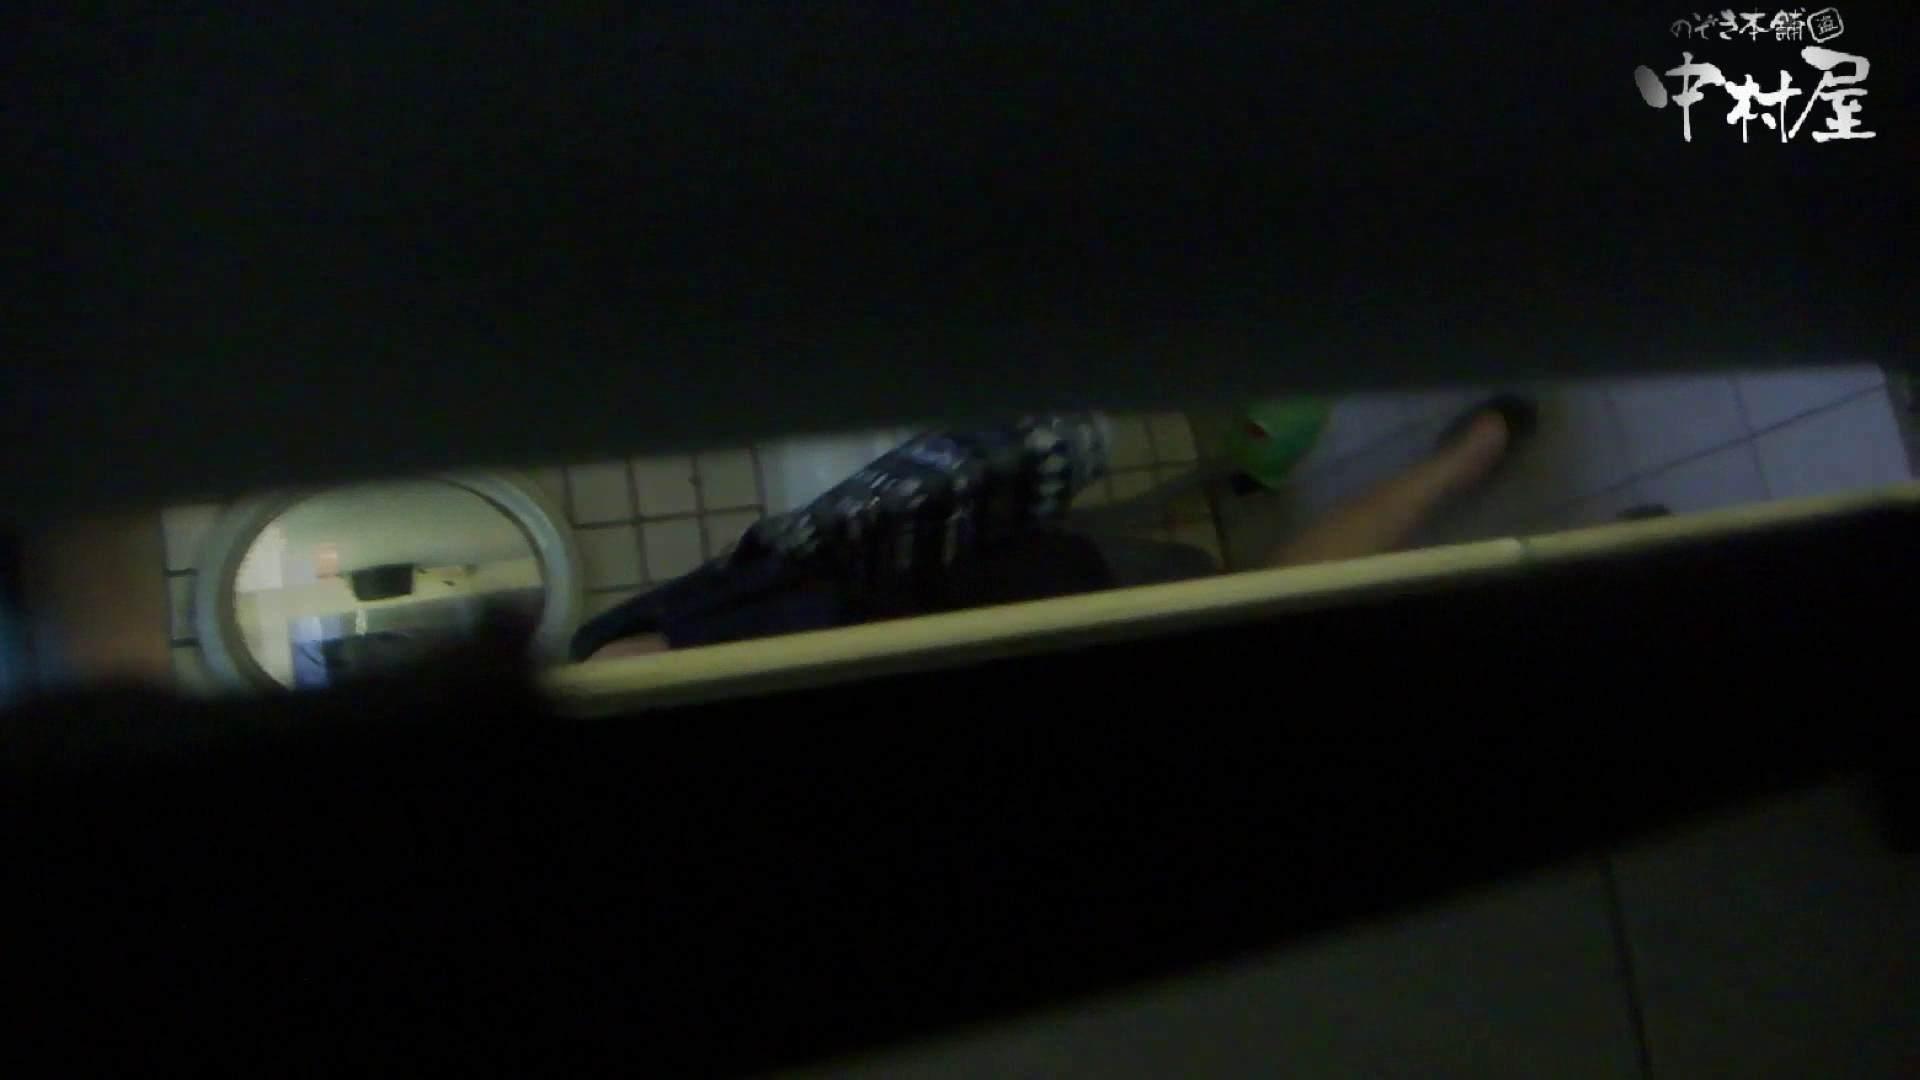 【美人が集まるファッションショッピングセンター洗面所盗SATU】ギャルのツルピカ潜入盗satu!Vol.10 ギャルヌード  103画像 70